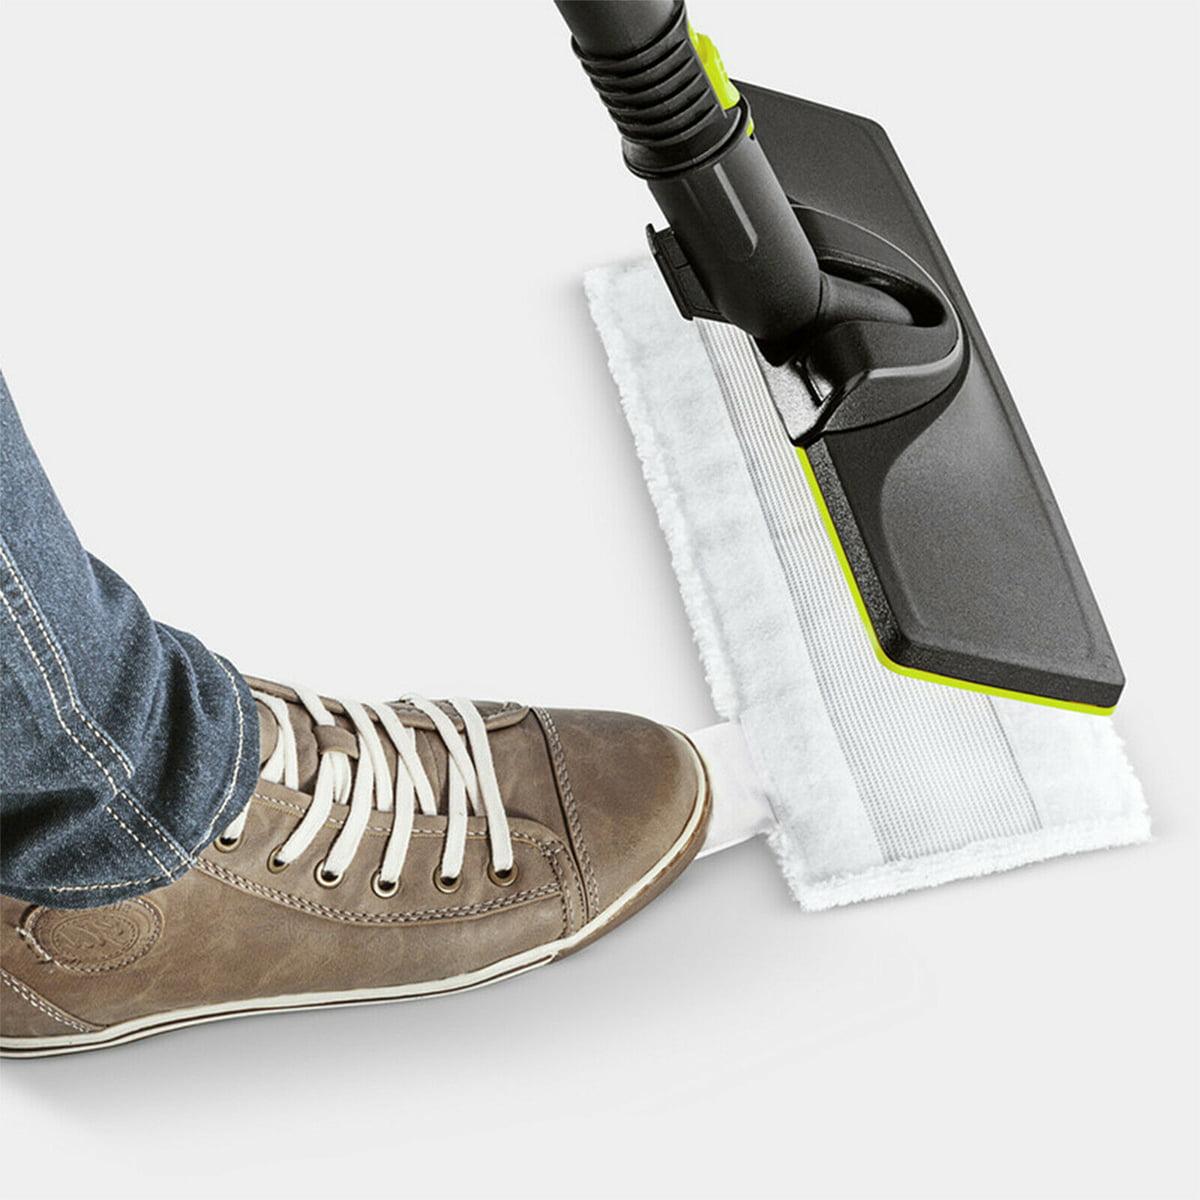 Floor Cloth Pads Set For KARCHER EASYFIX SC1 SC2 SC3 SC4 SC5 Steam Cleaner Parts